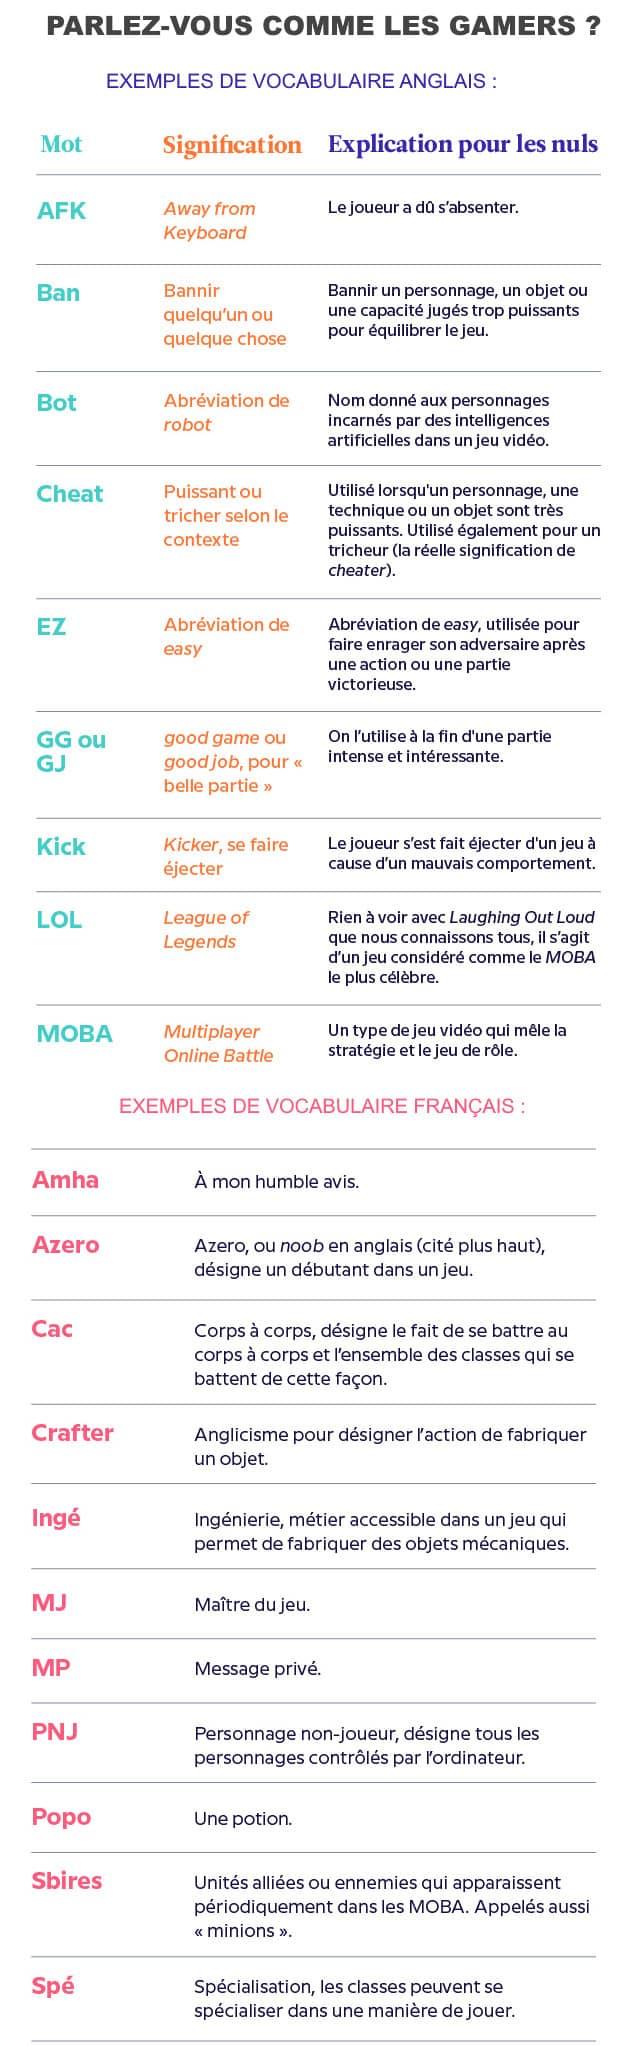 vocabulaire des gamers